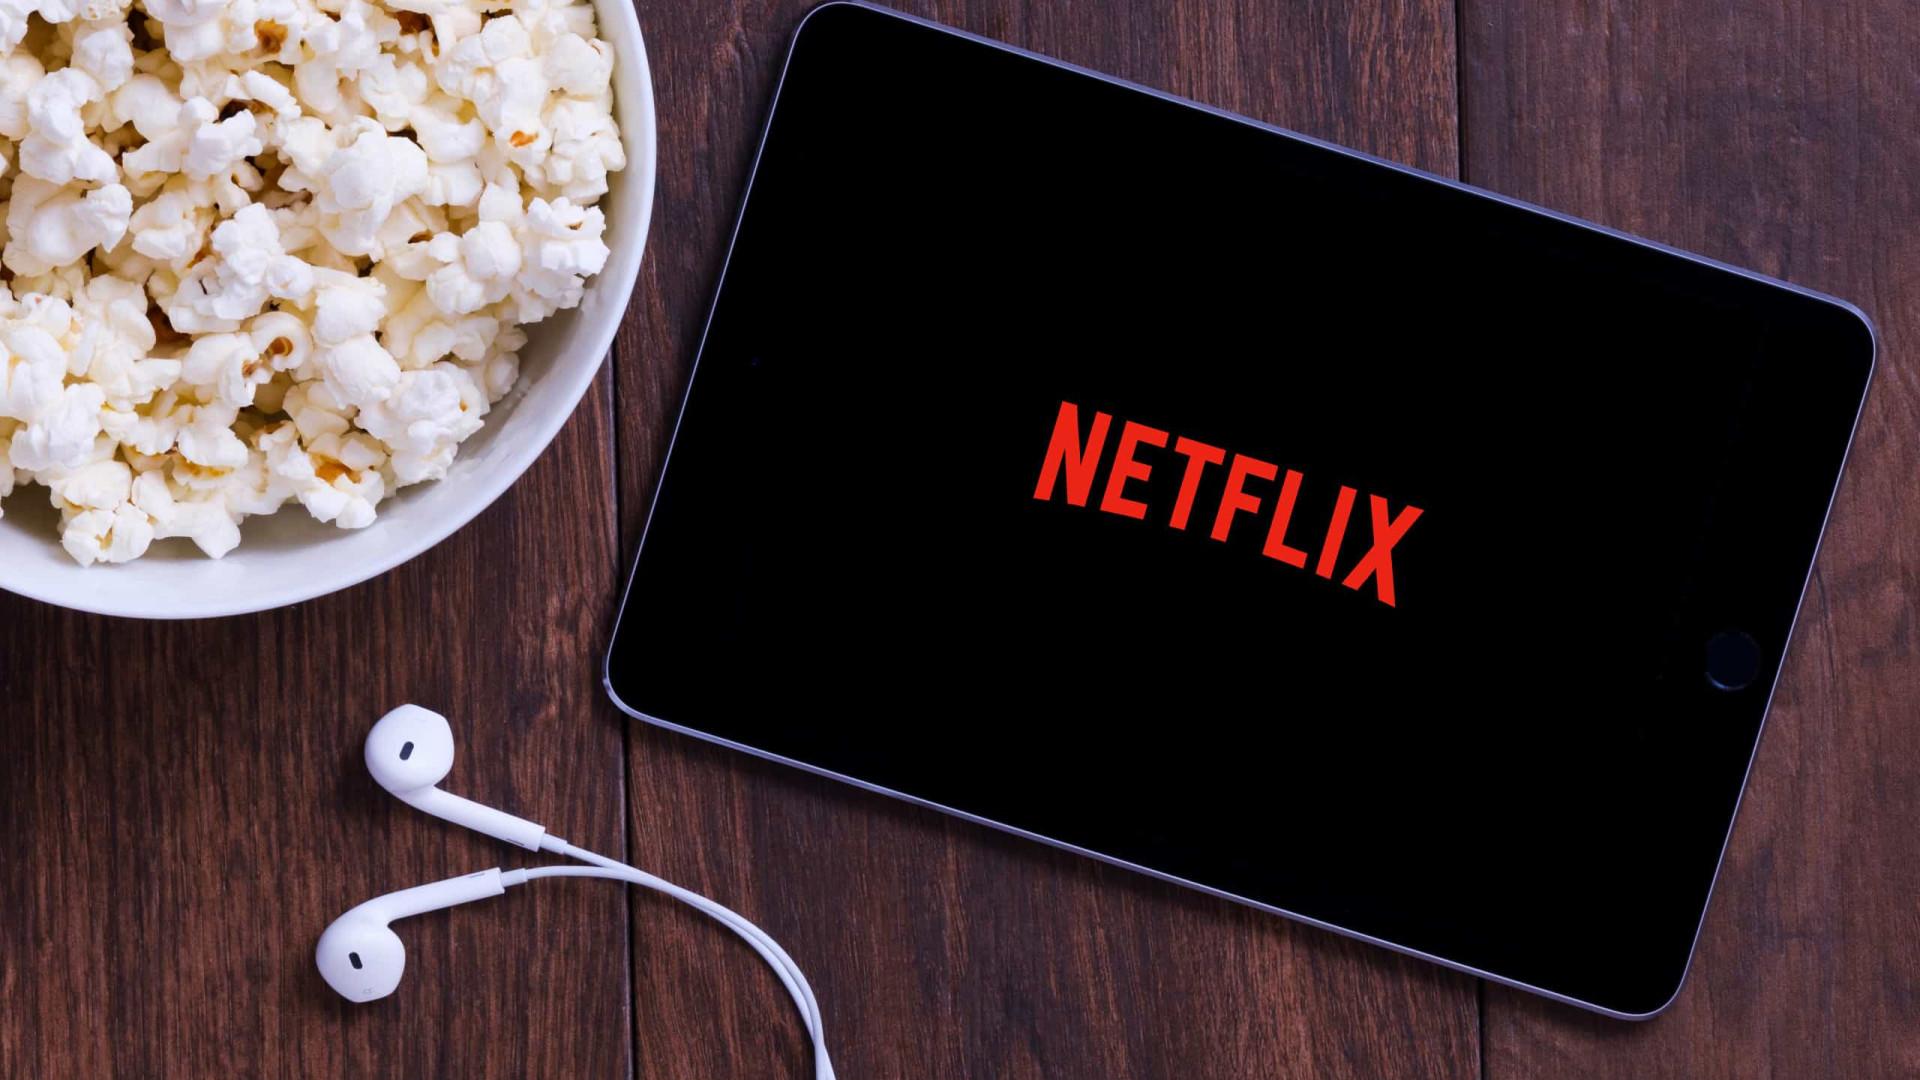 Série com Jamie Foxx e novo The Circle estão entre os lançamentos da Netflix em abril